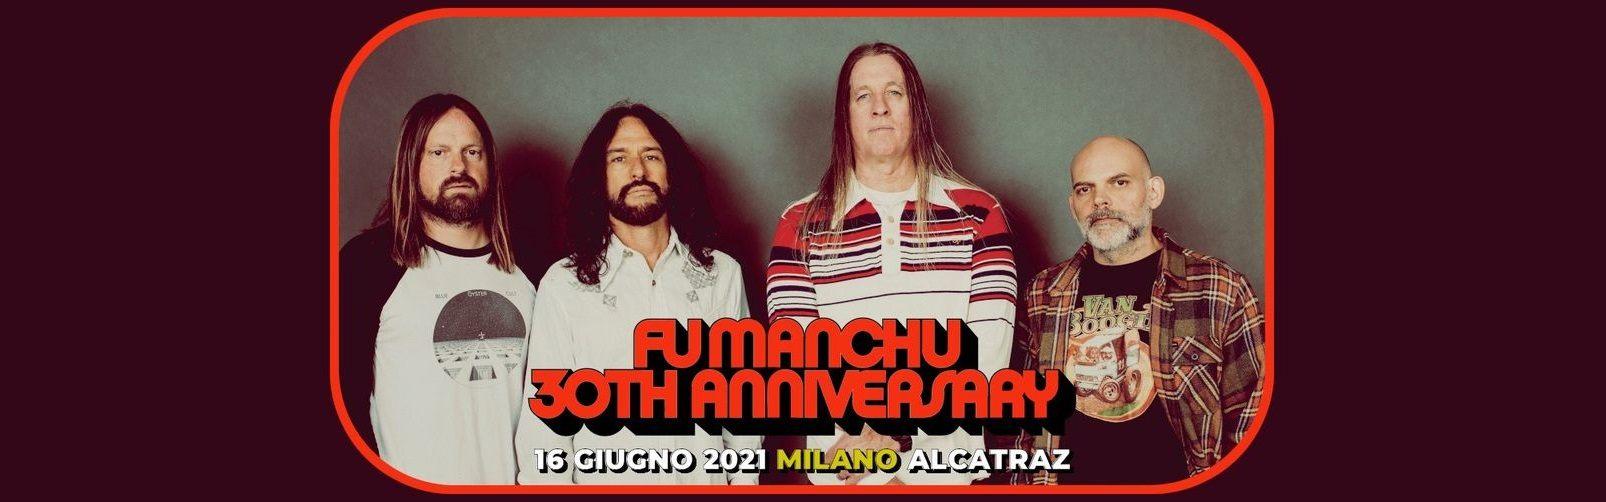 Fu Manchu biglietti concerto Alcatraz Milano 16/06/2021 tickets Mailticket | Notizie